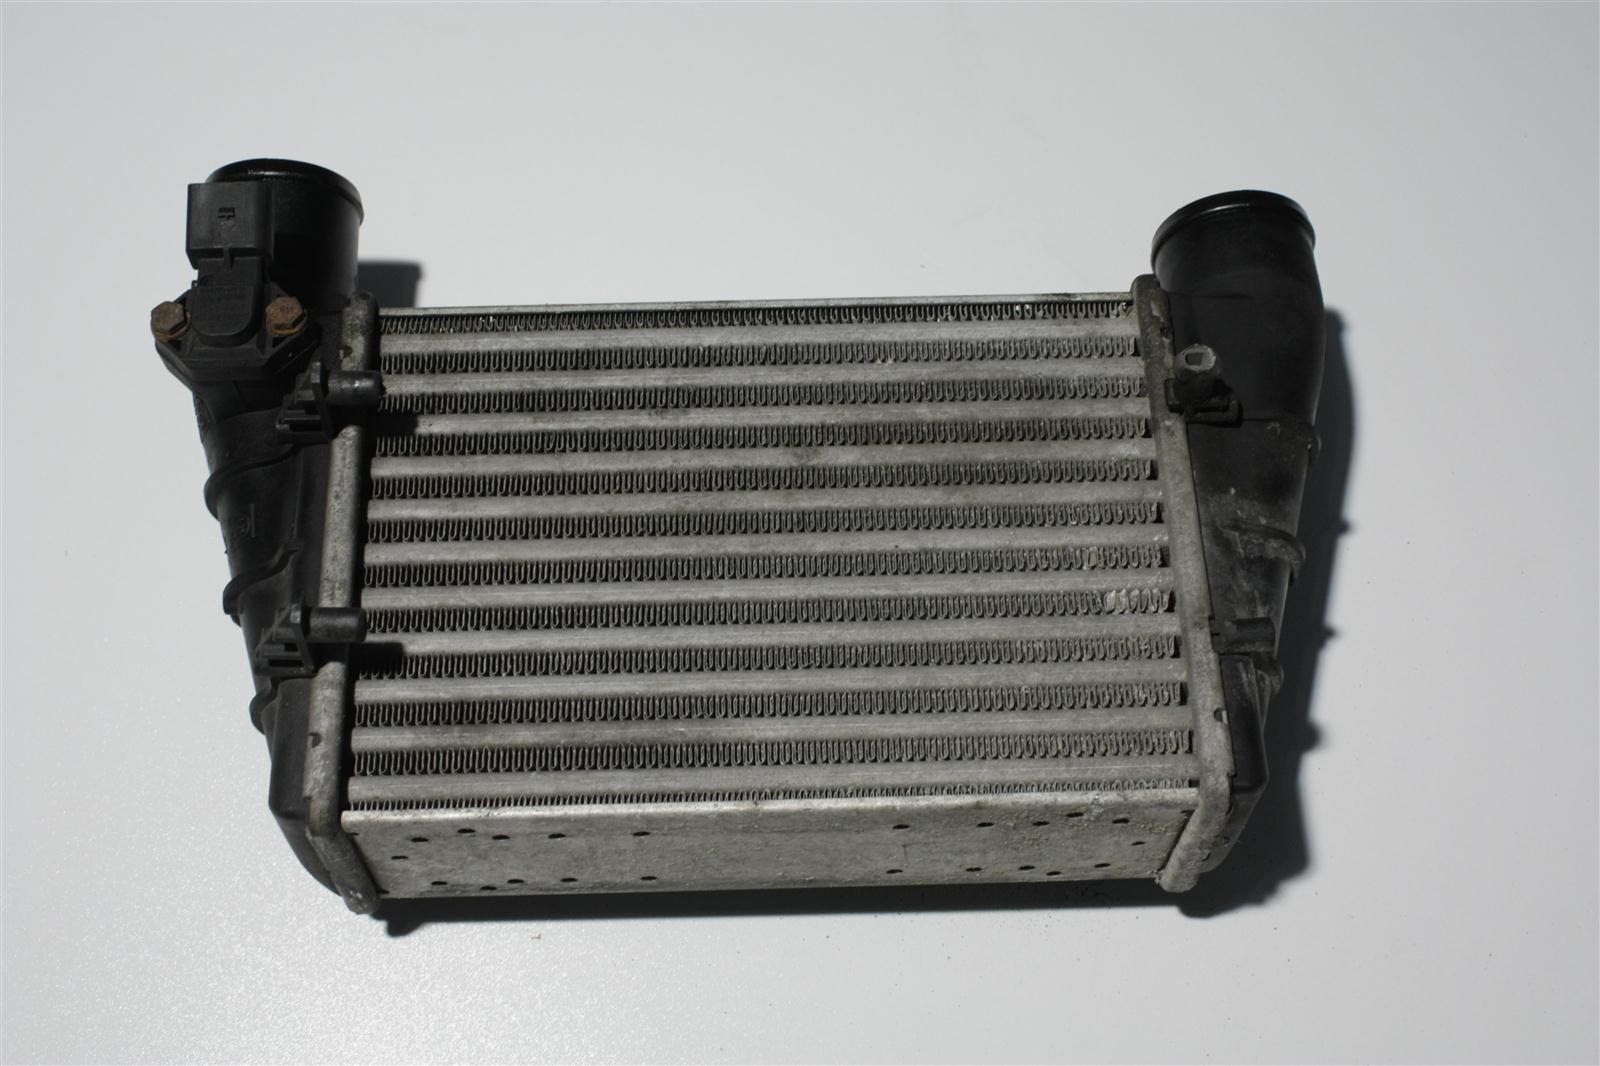 Audi A4 B5/A6 4B 1.8 Turbo/1.9 TDI Ladeluftkühler 058145805G 058145805B